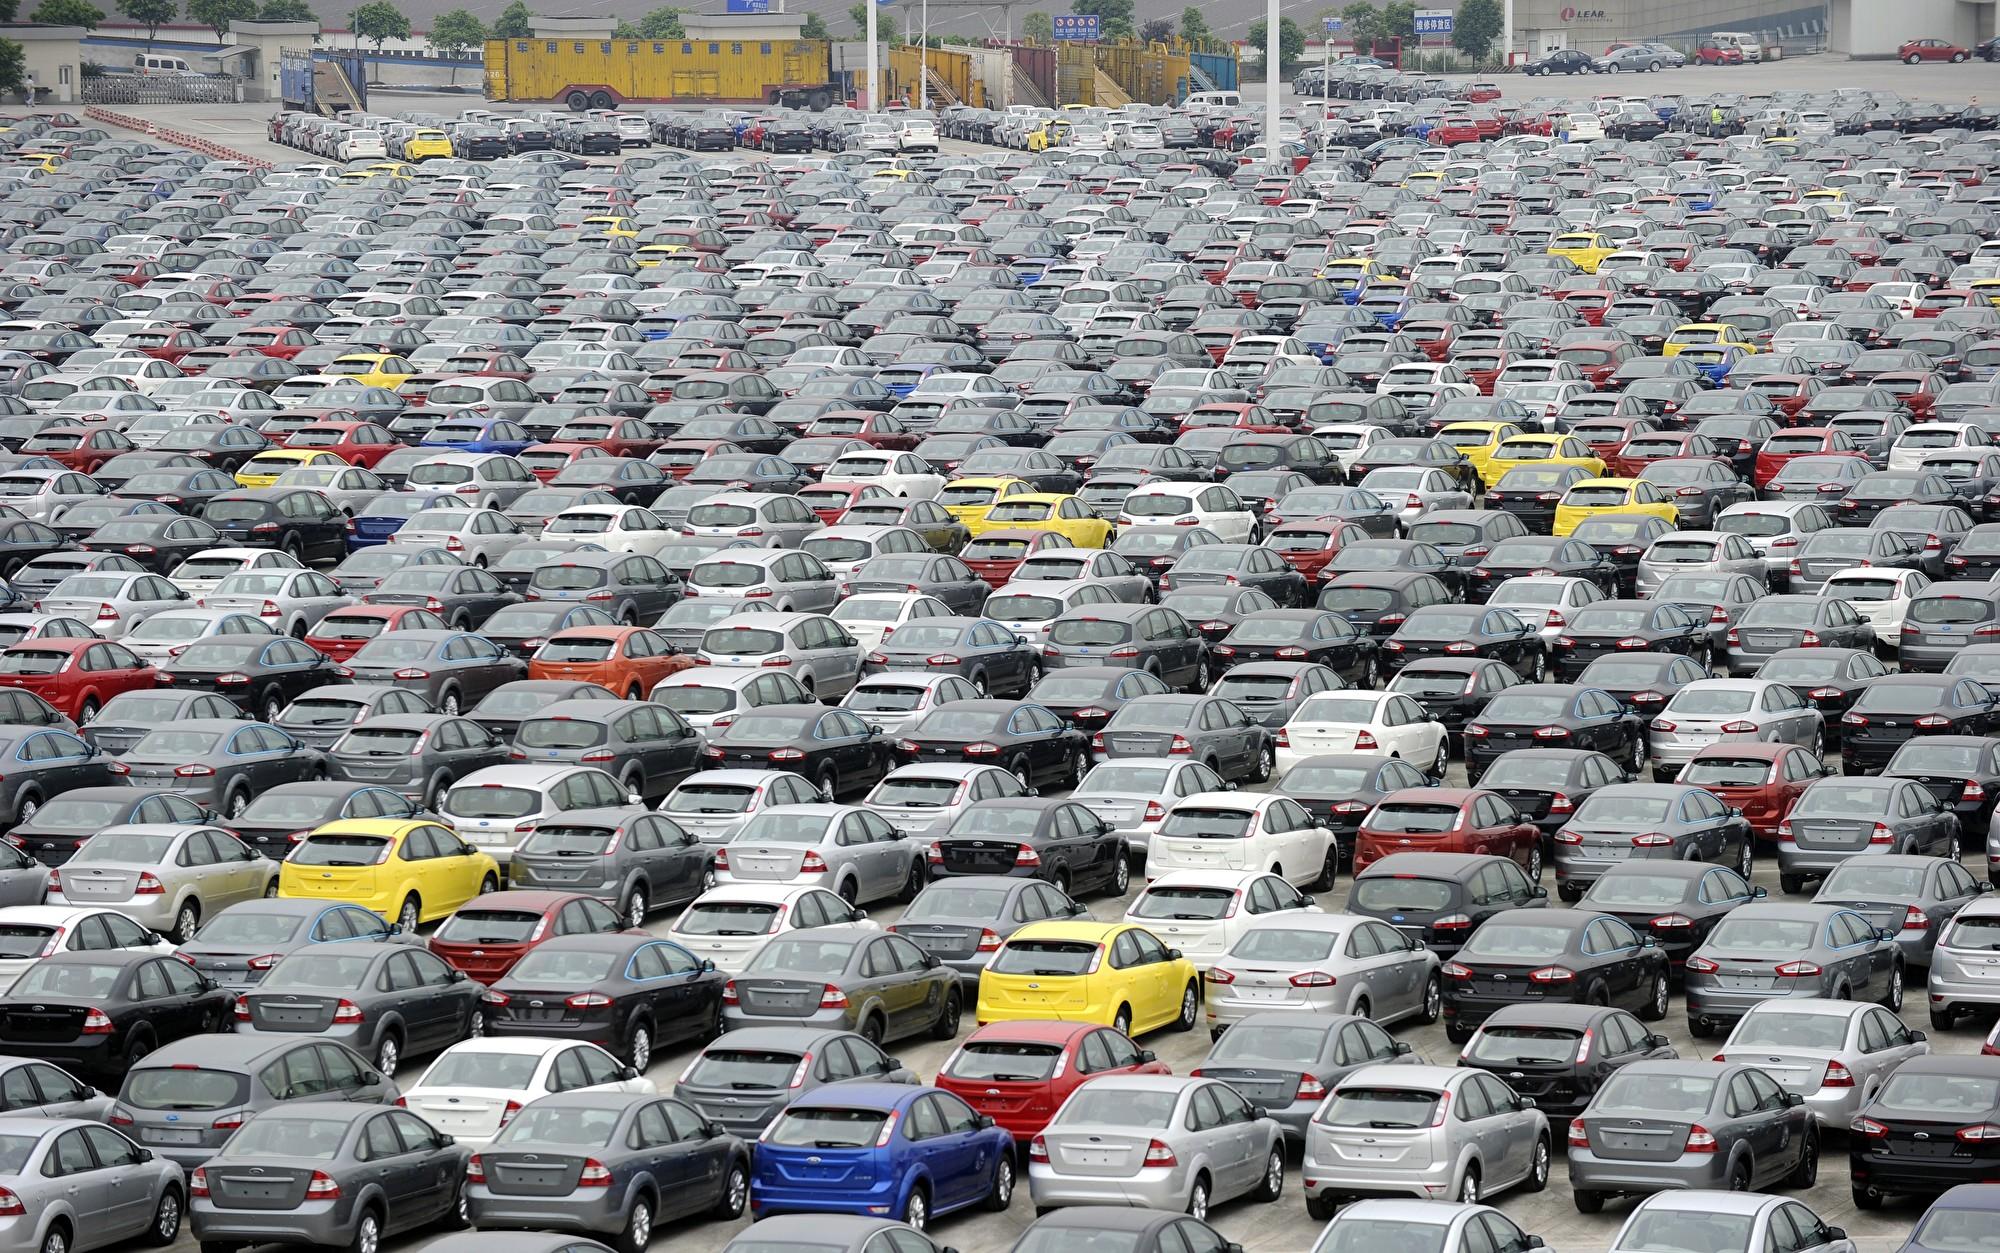 步鈴木後塵 兩外國大型車廠恐被迫撤出中國